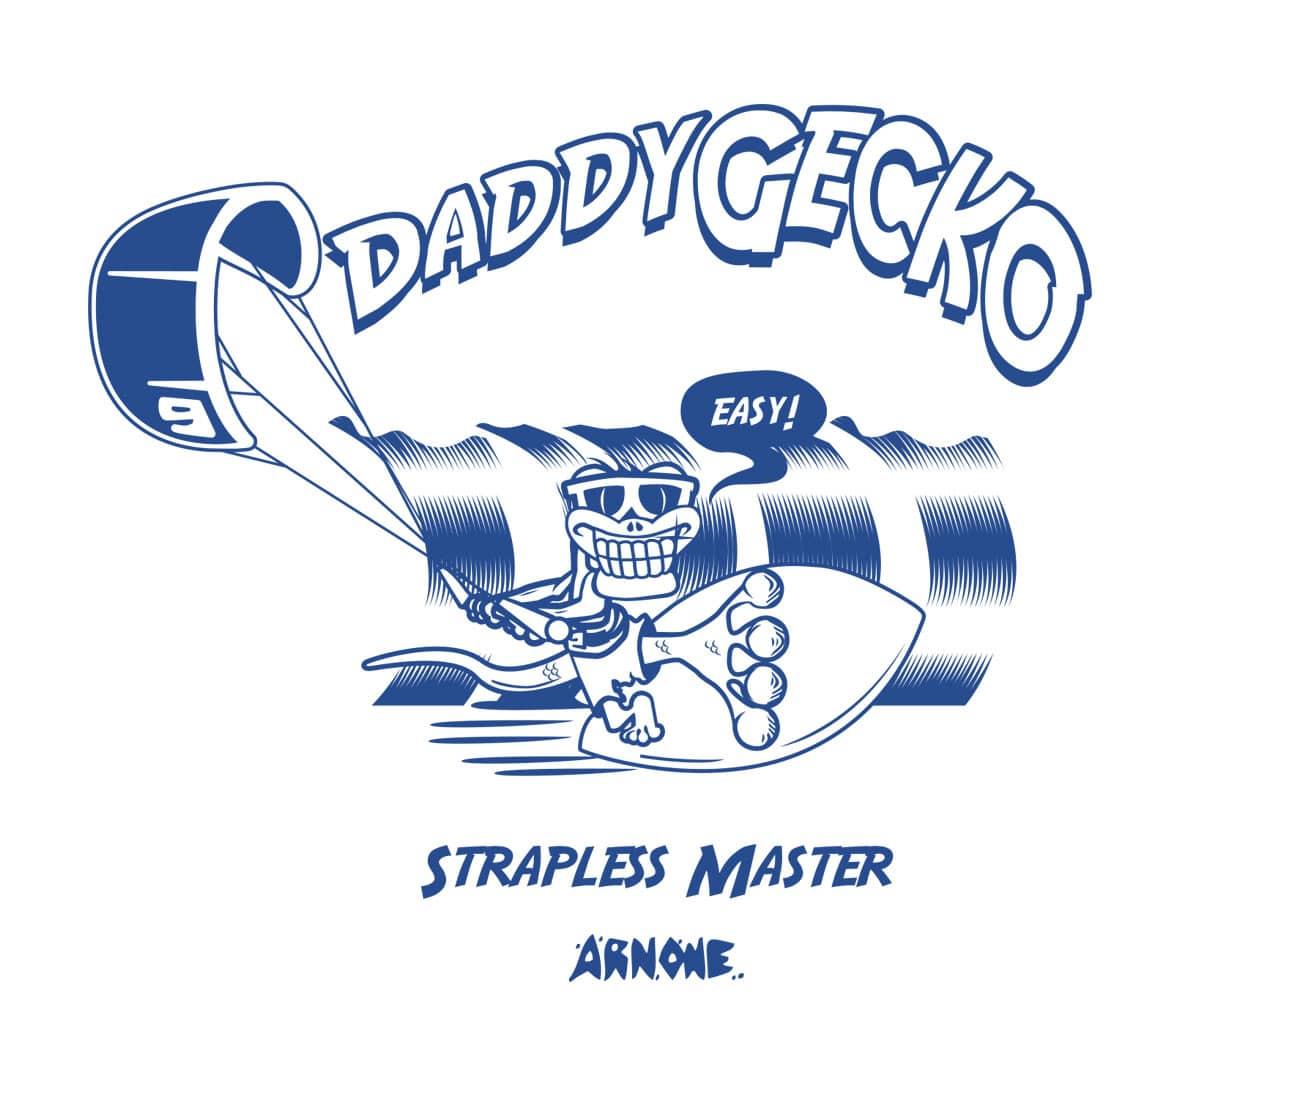 strapless master